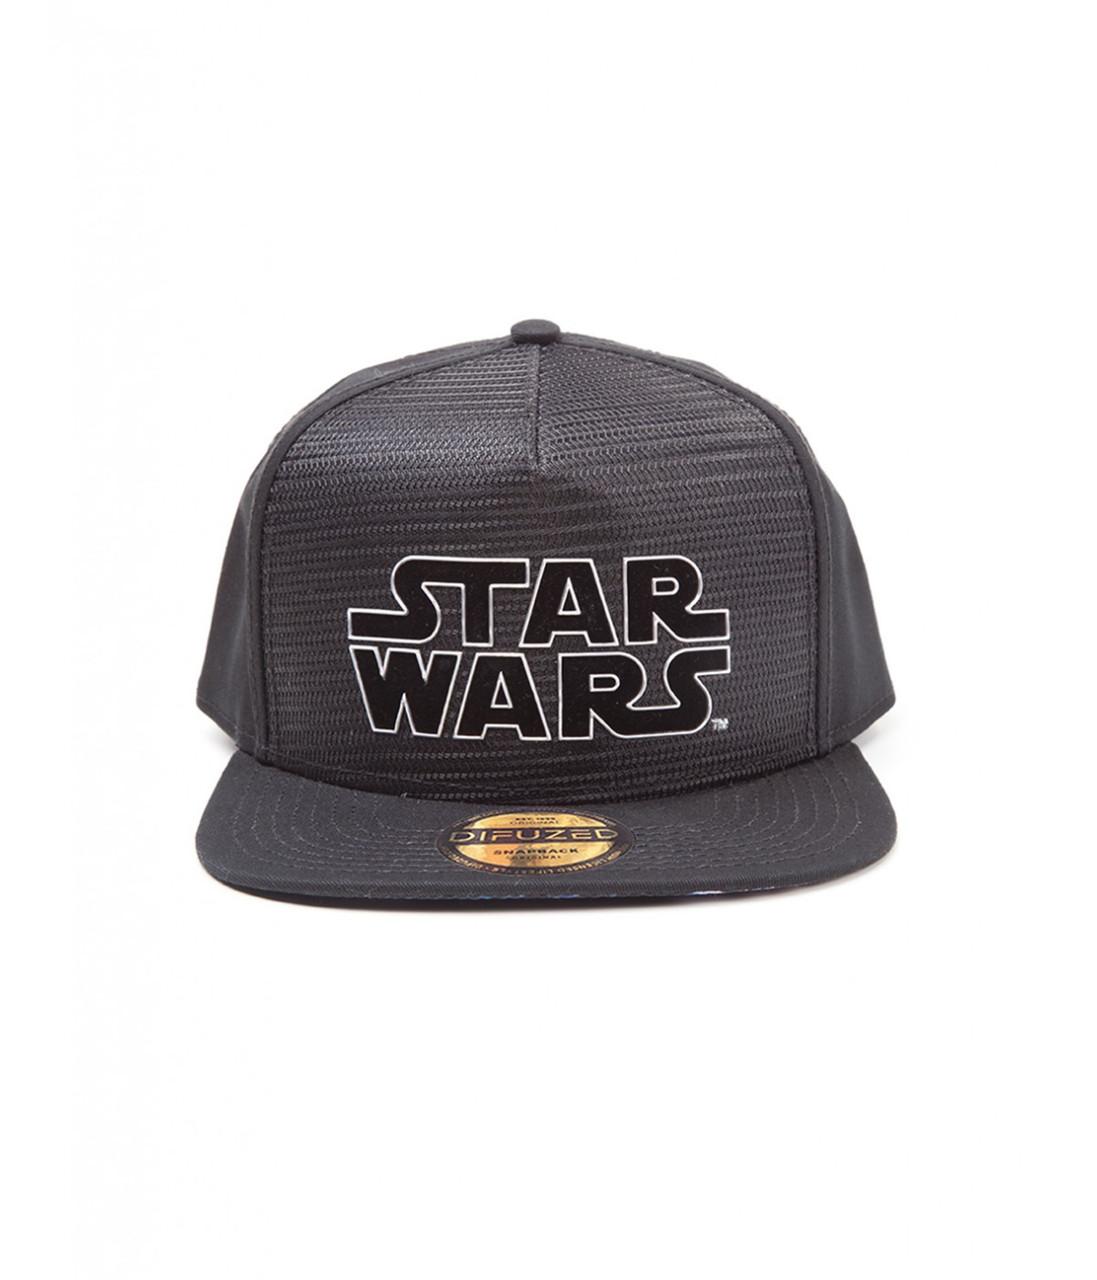 Офіційний снепбек Star Wars - Metal Logo Snapback